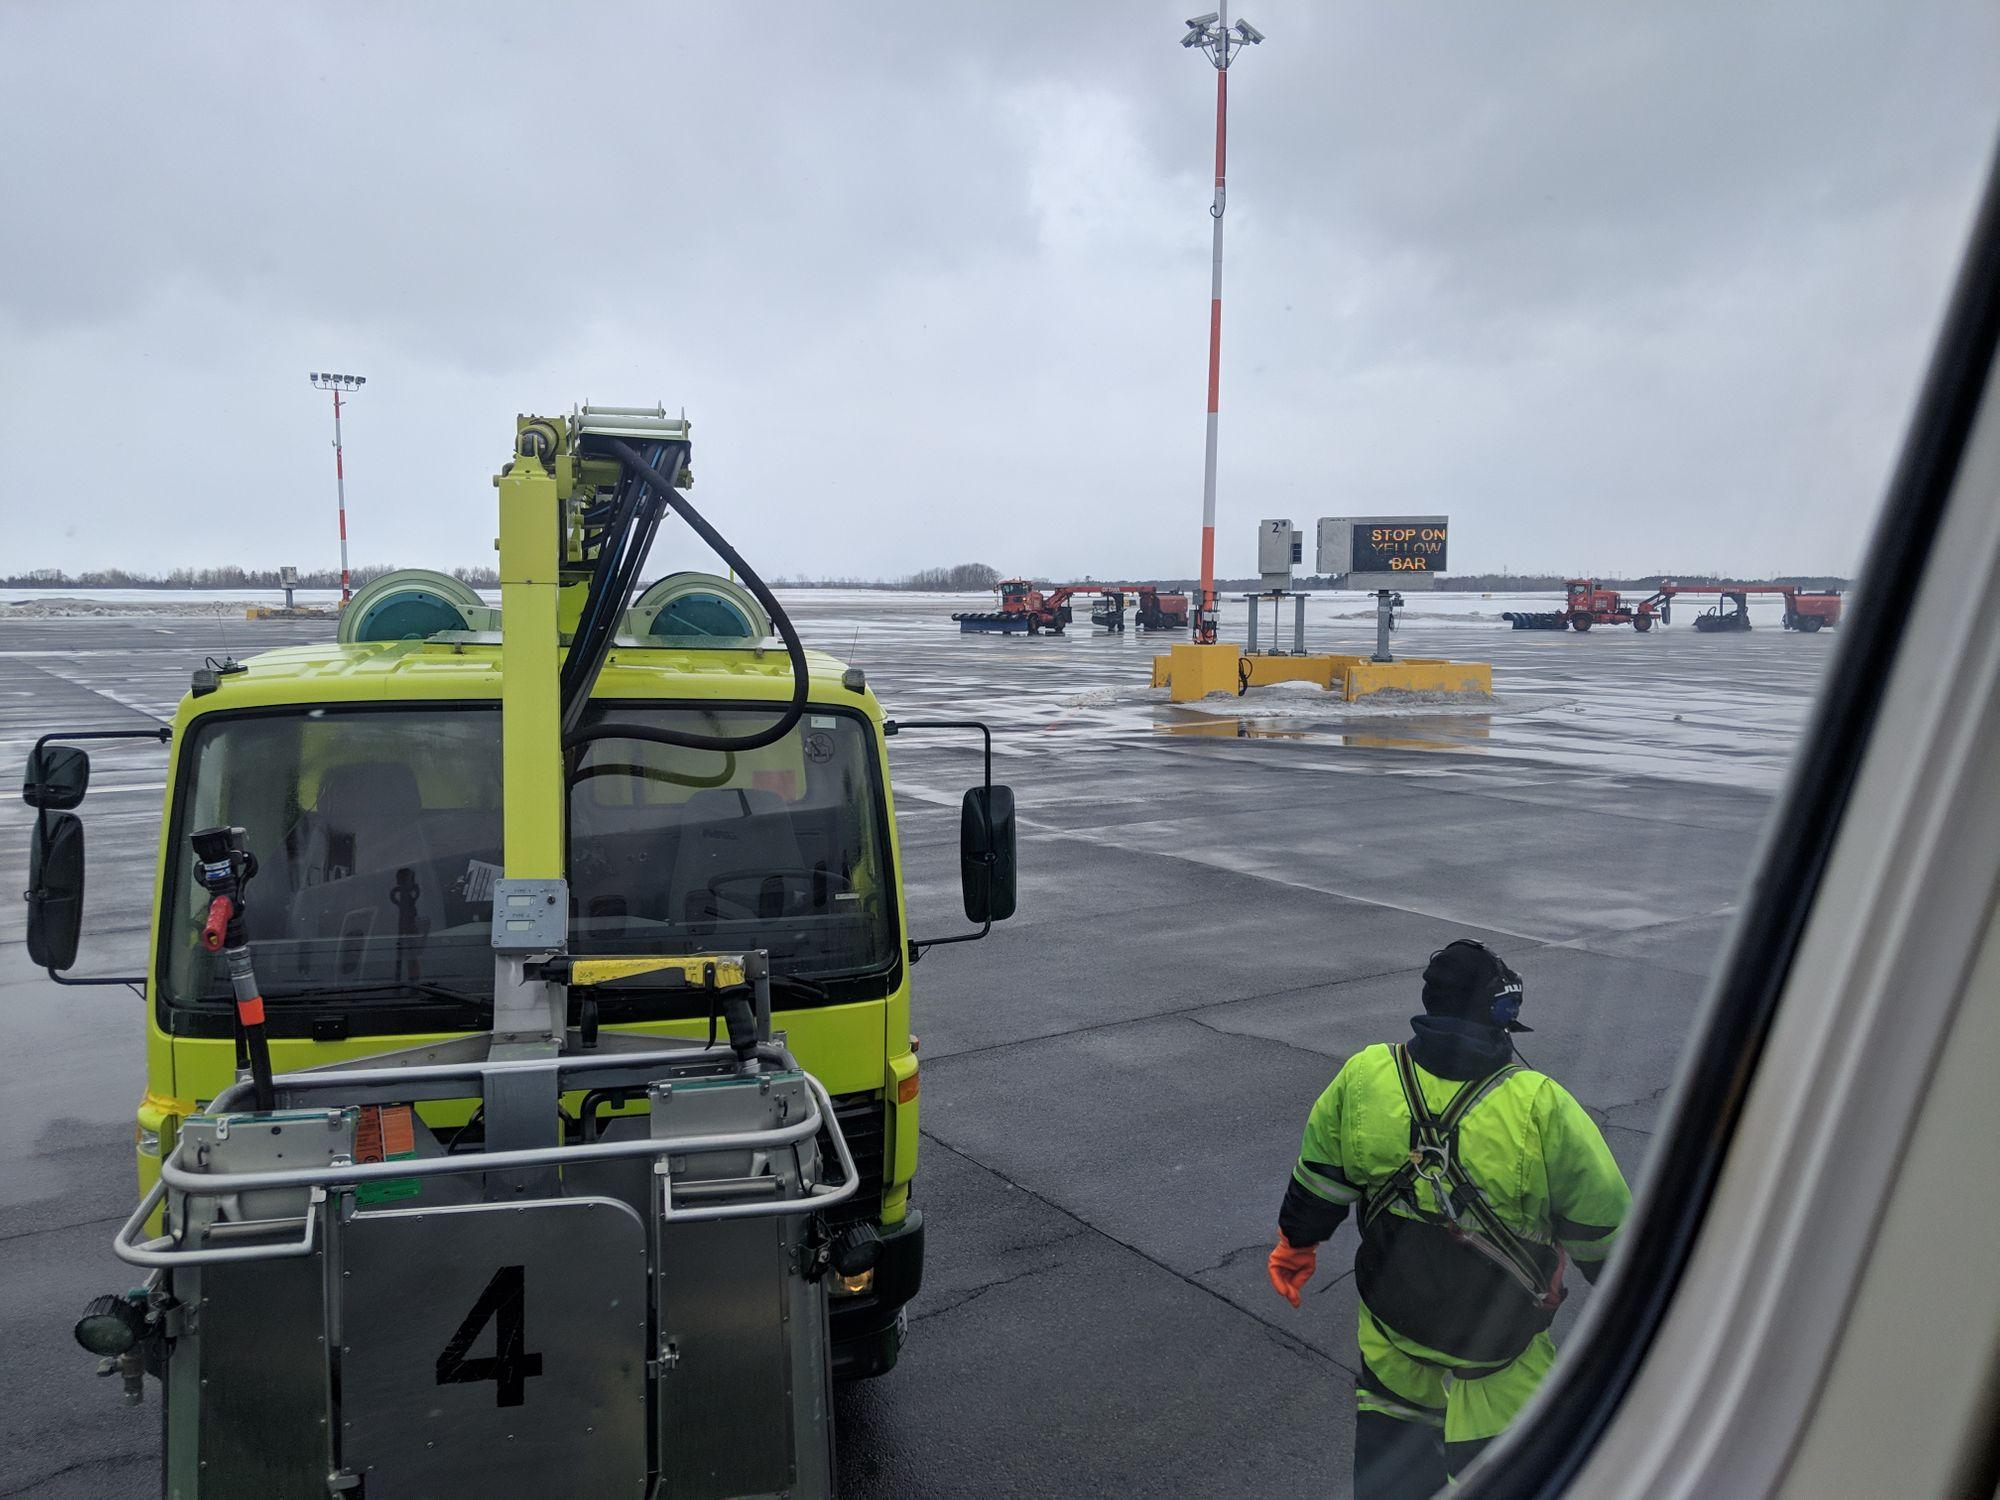 Un peu de dégivrage avant de décoller • Some de-icing before takeoff